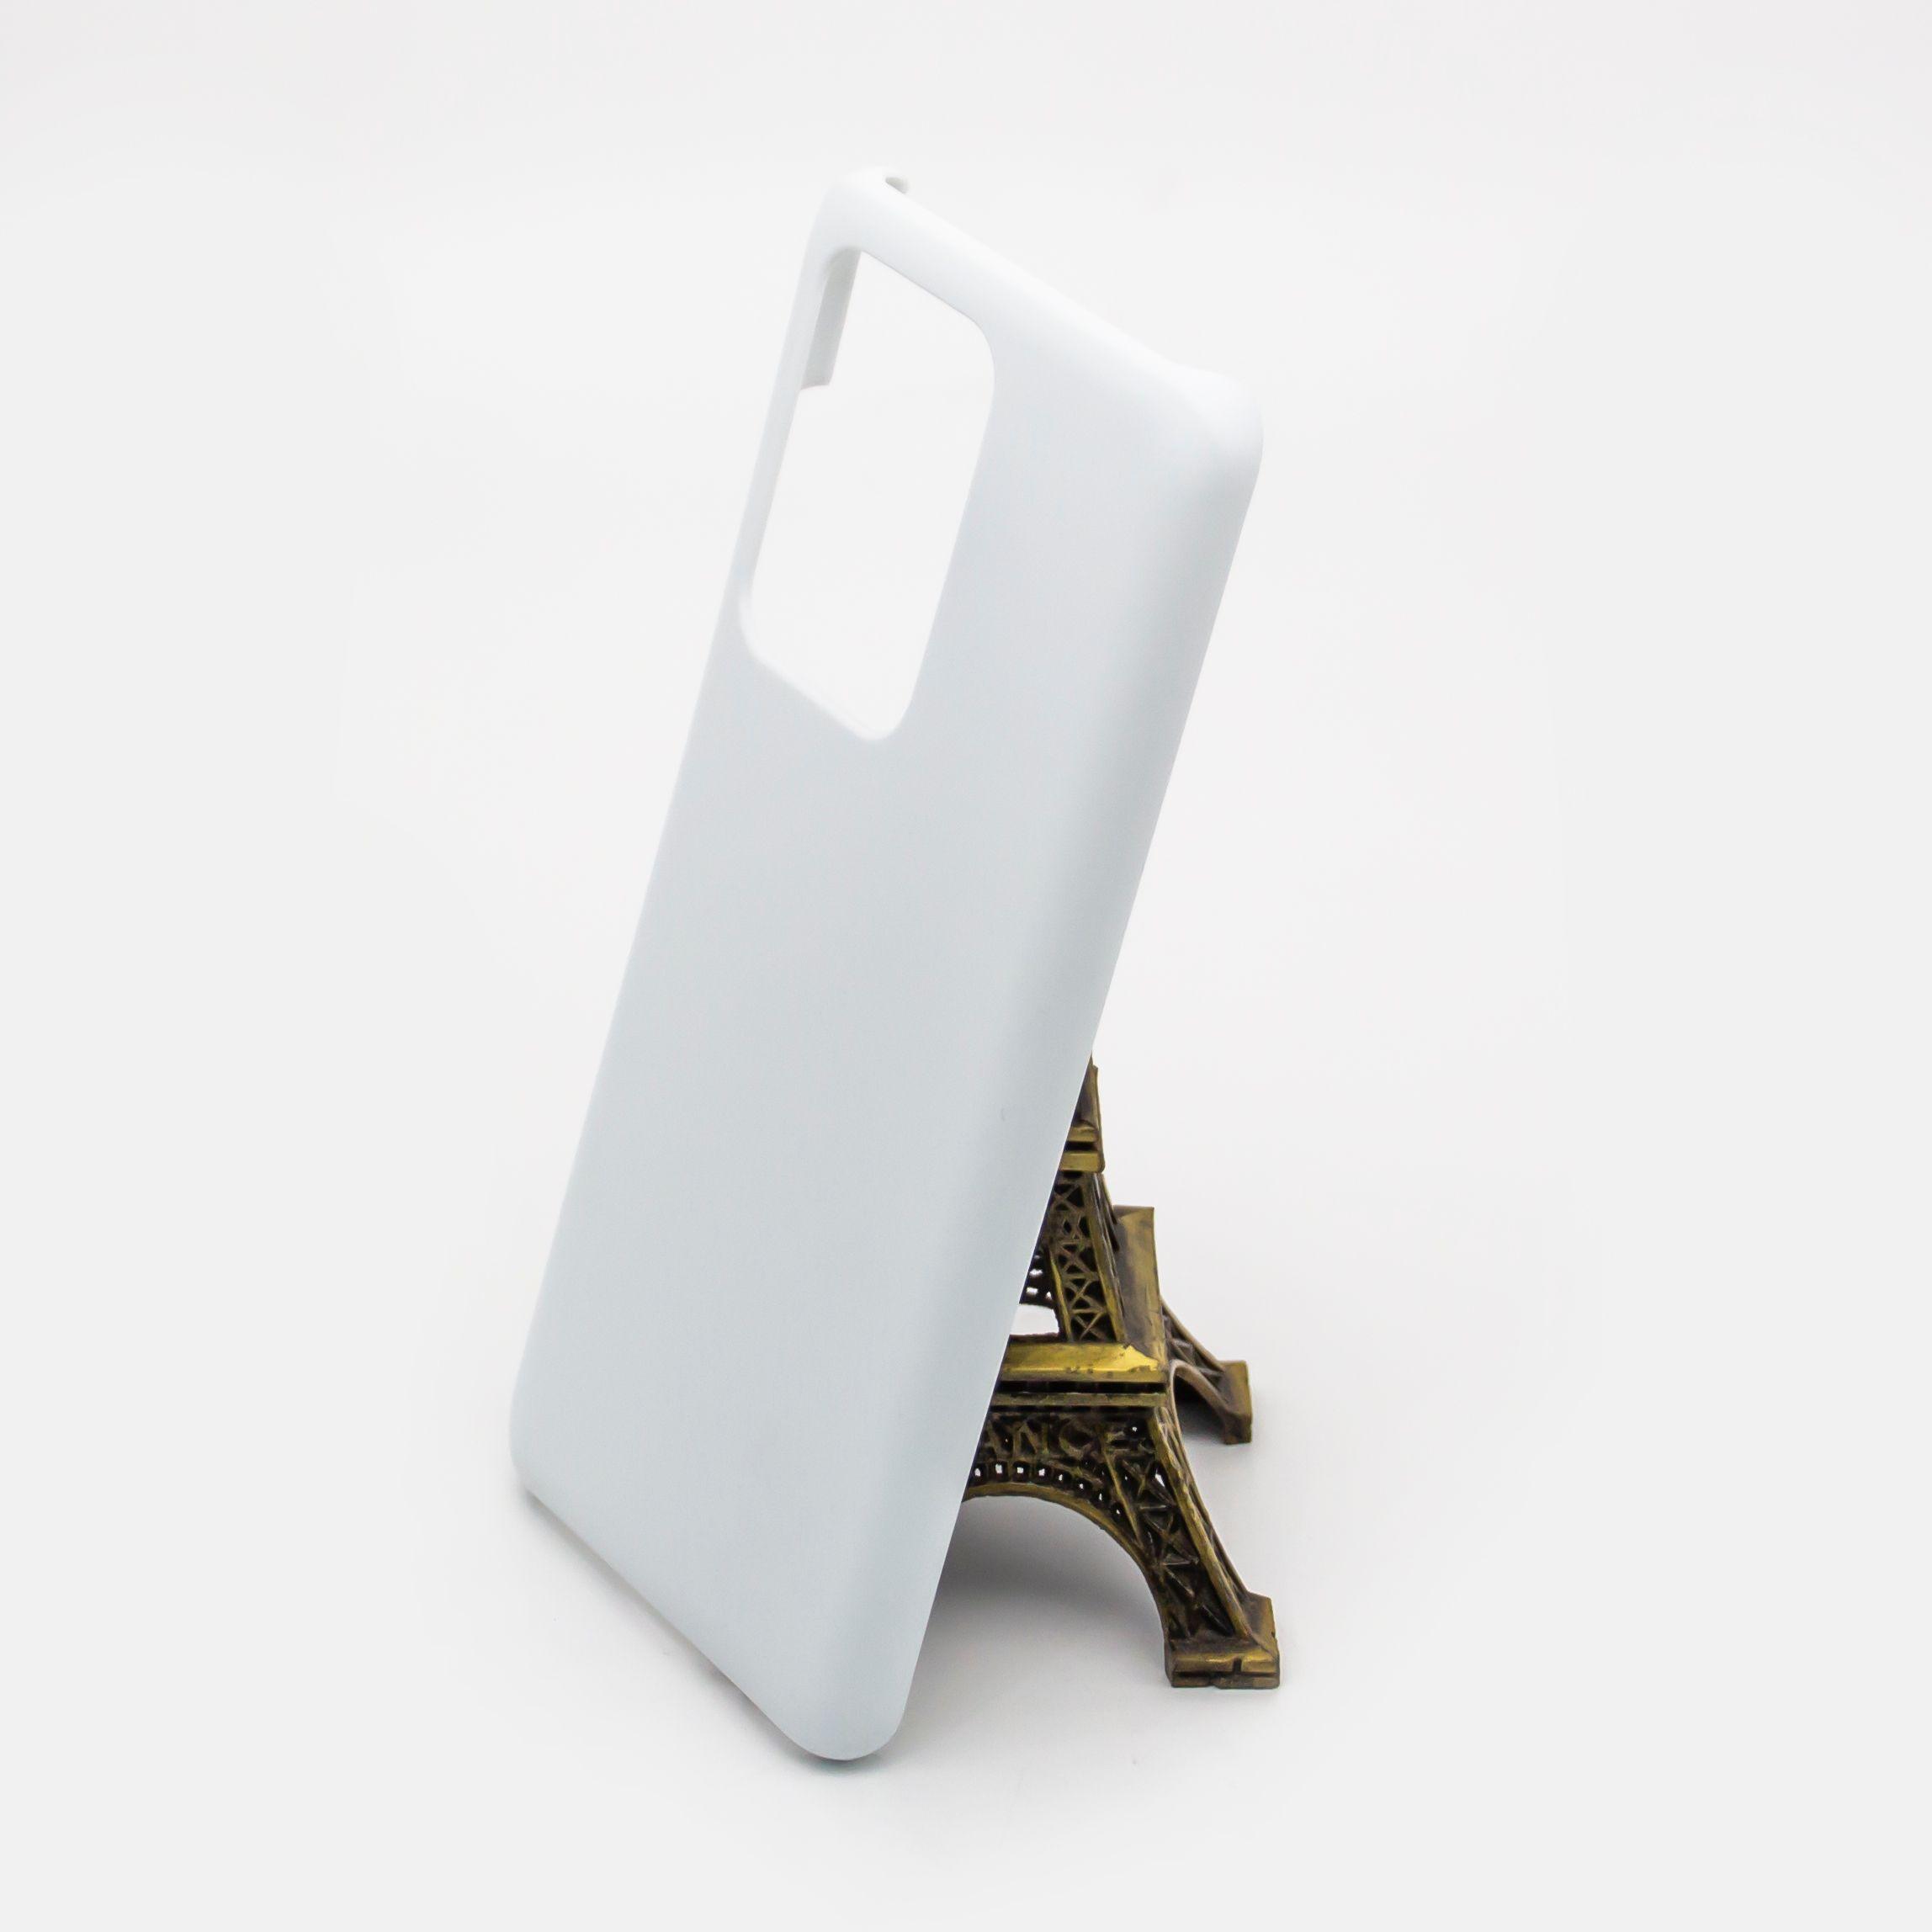 فارغة 3D التسامي مات الصعب الهاتف الغطاء PC القضية لملاحظة سامسونج 20 S20 فائق زائد S10 زائد لايت A51 A71 A91 A81